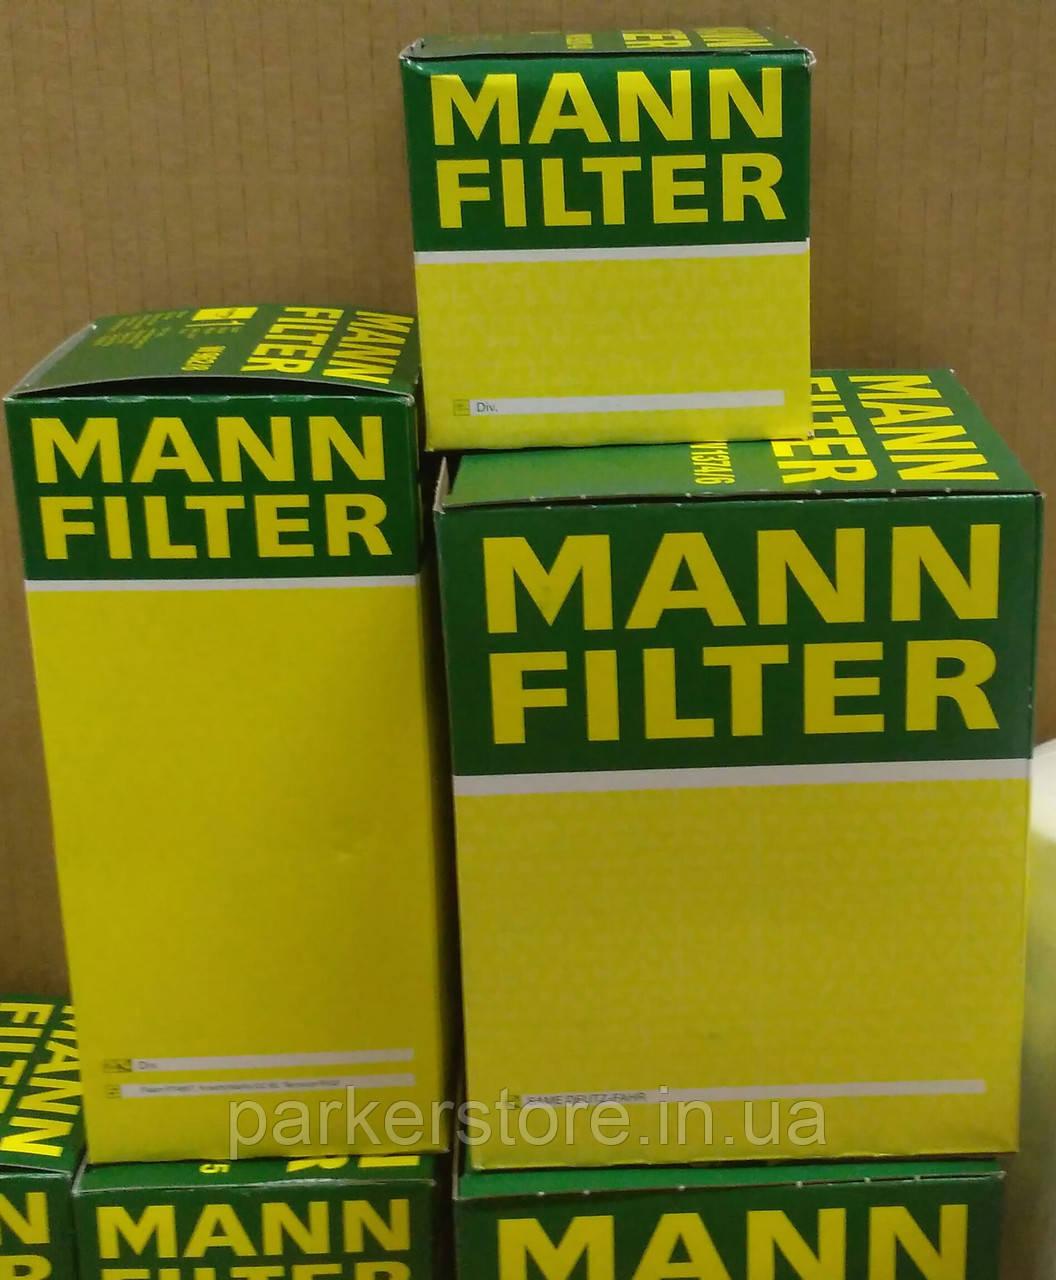 MANN FILTER / Повітряний фільтр / C 26 315/1 / C26315/1